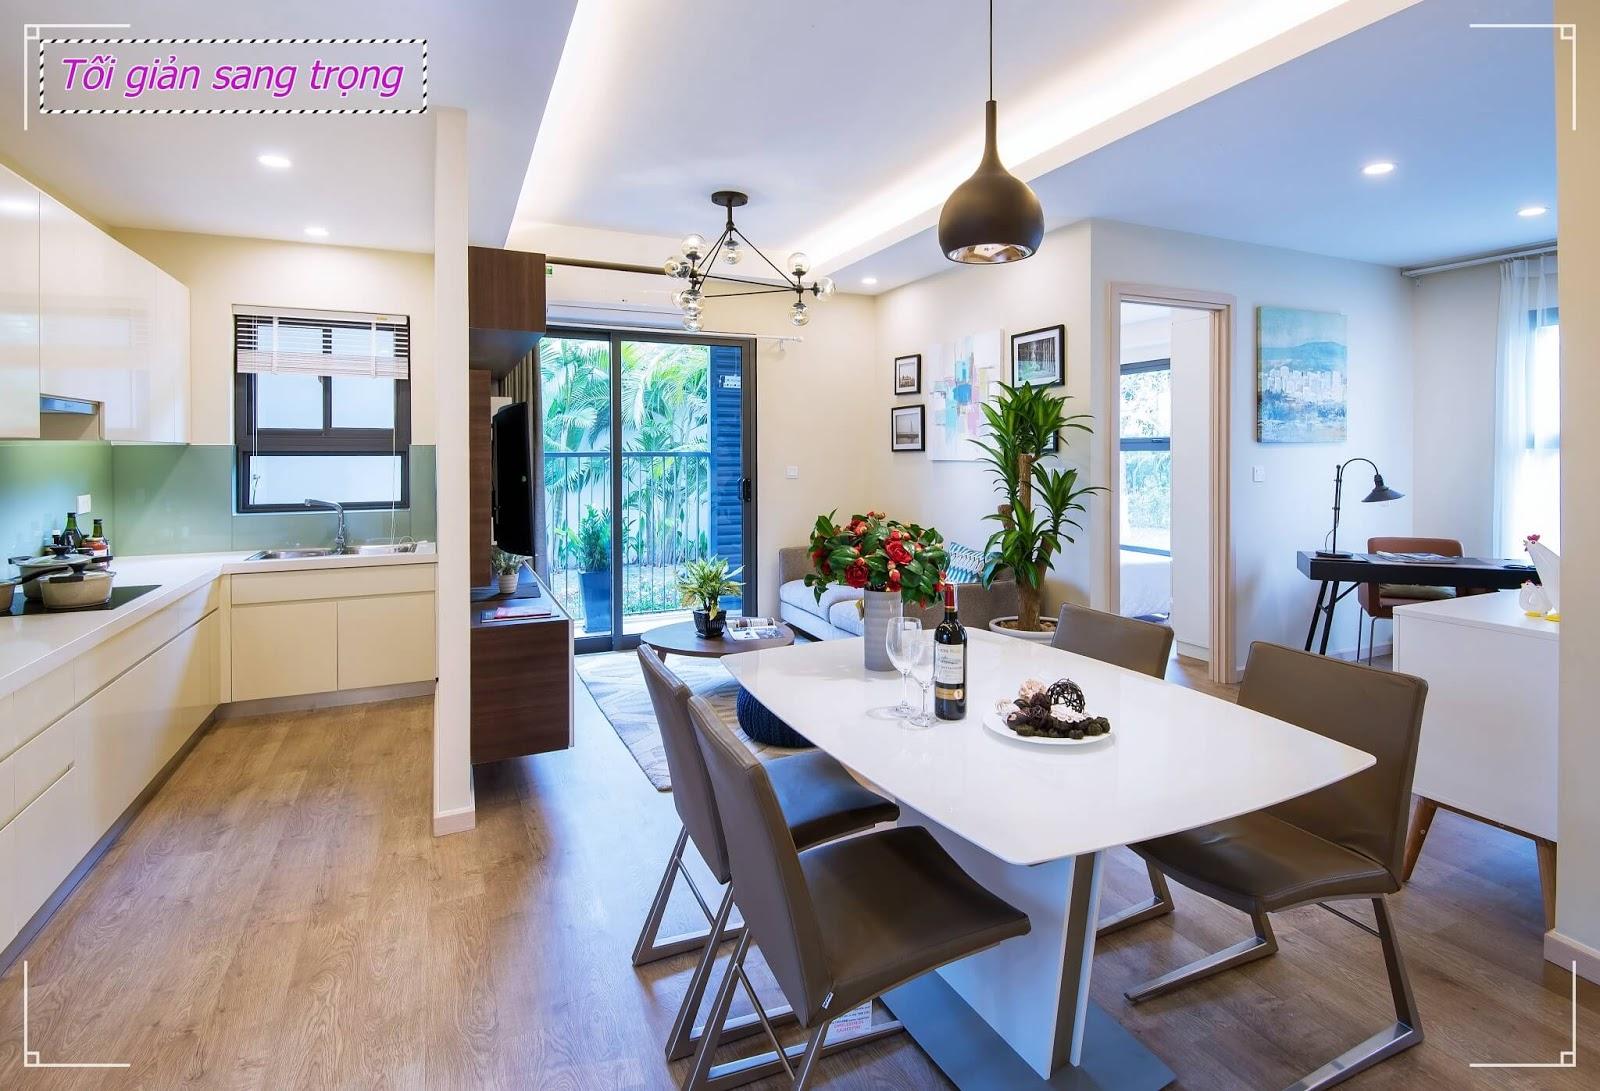 Hình ảnh căn hộ mẫu chung cư Rose Town Ngọc Hồi